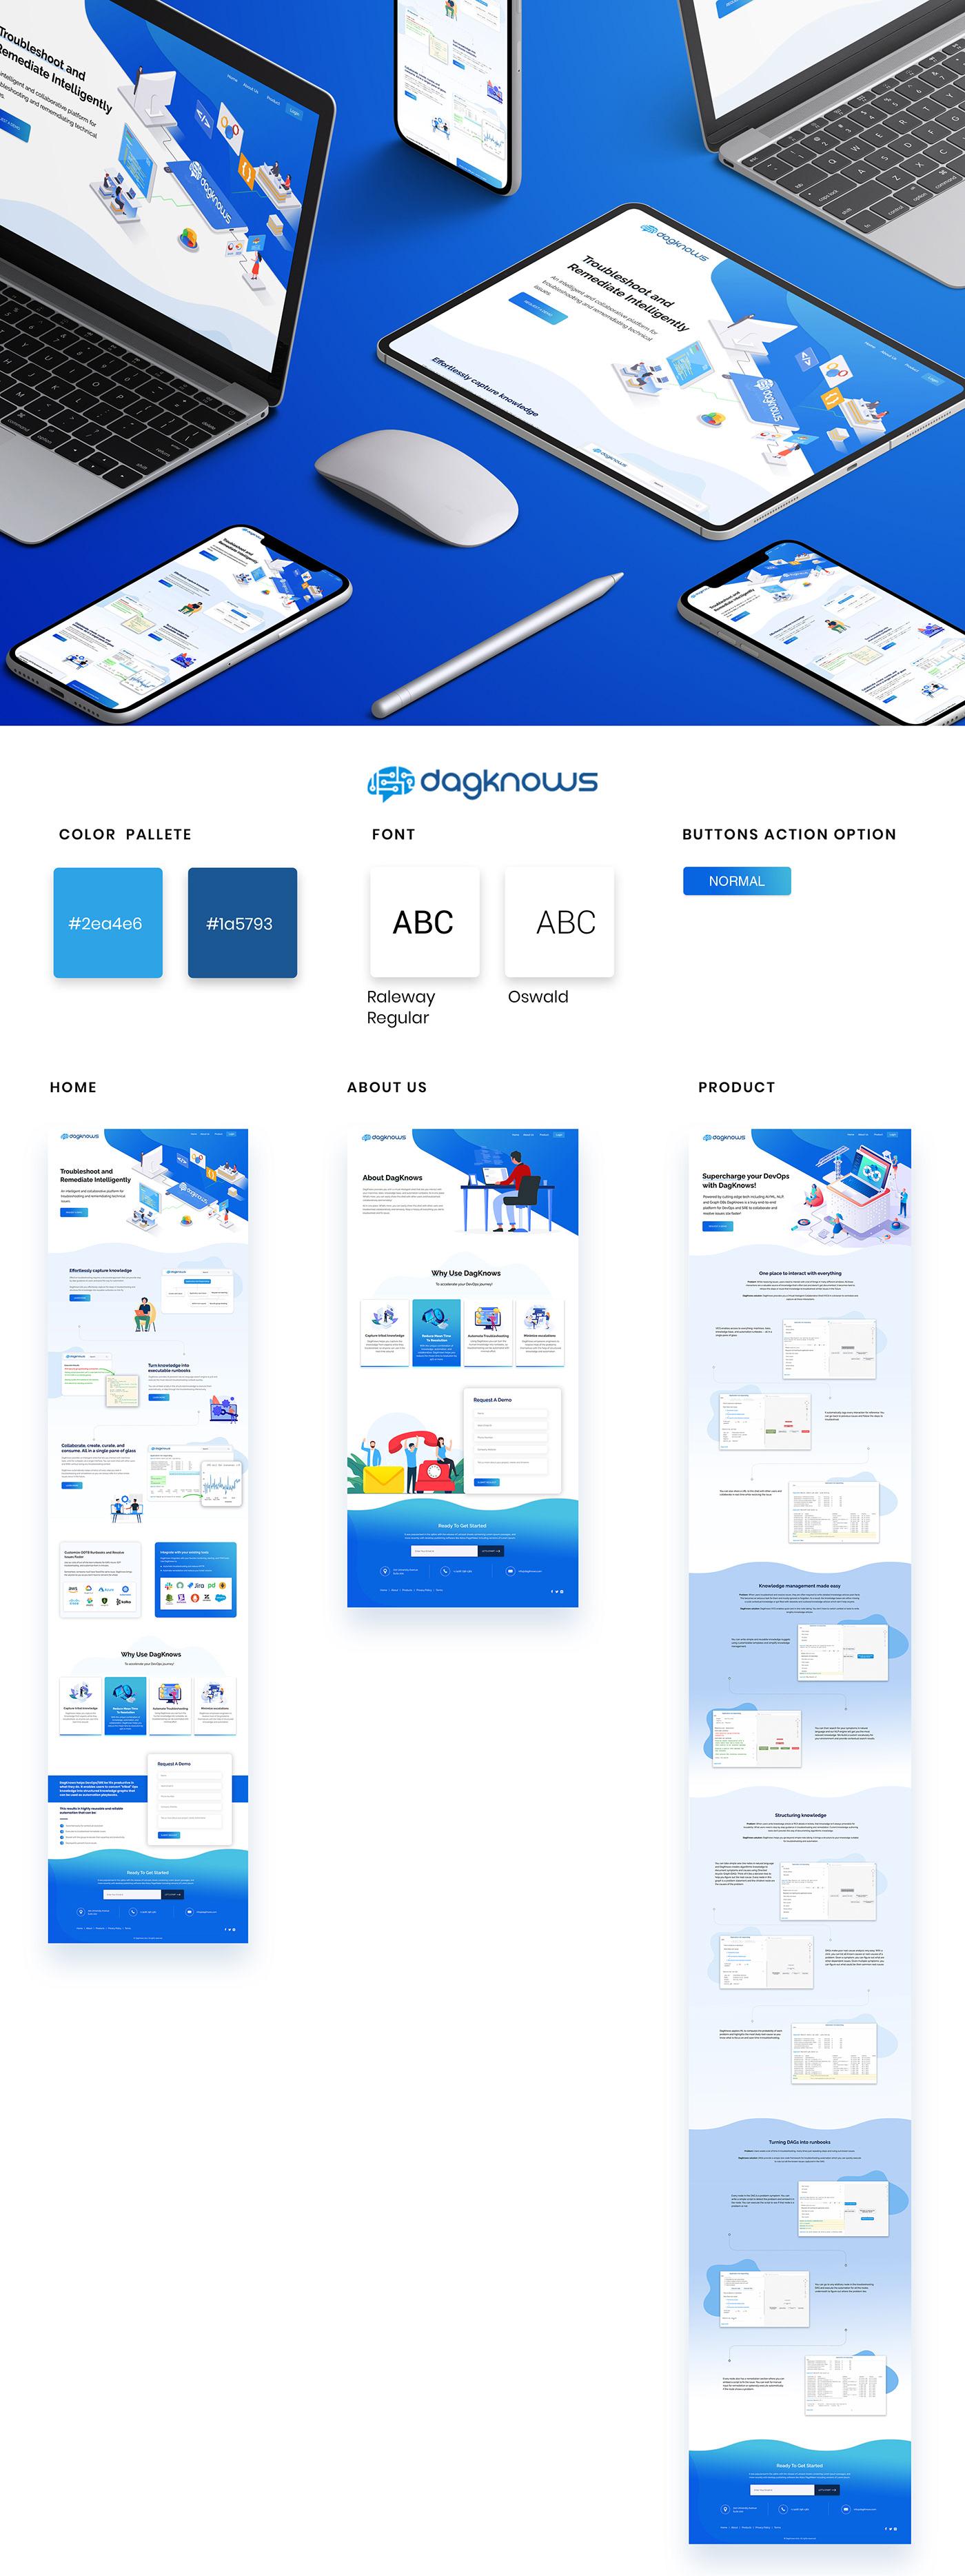 Website Design landing page design Website Mockup UI/UX Web Design  Responsive Design web page